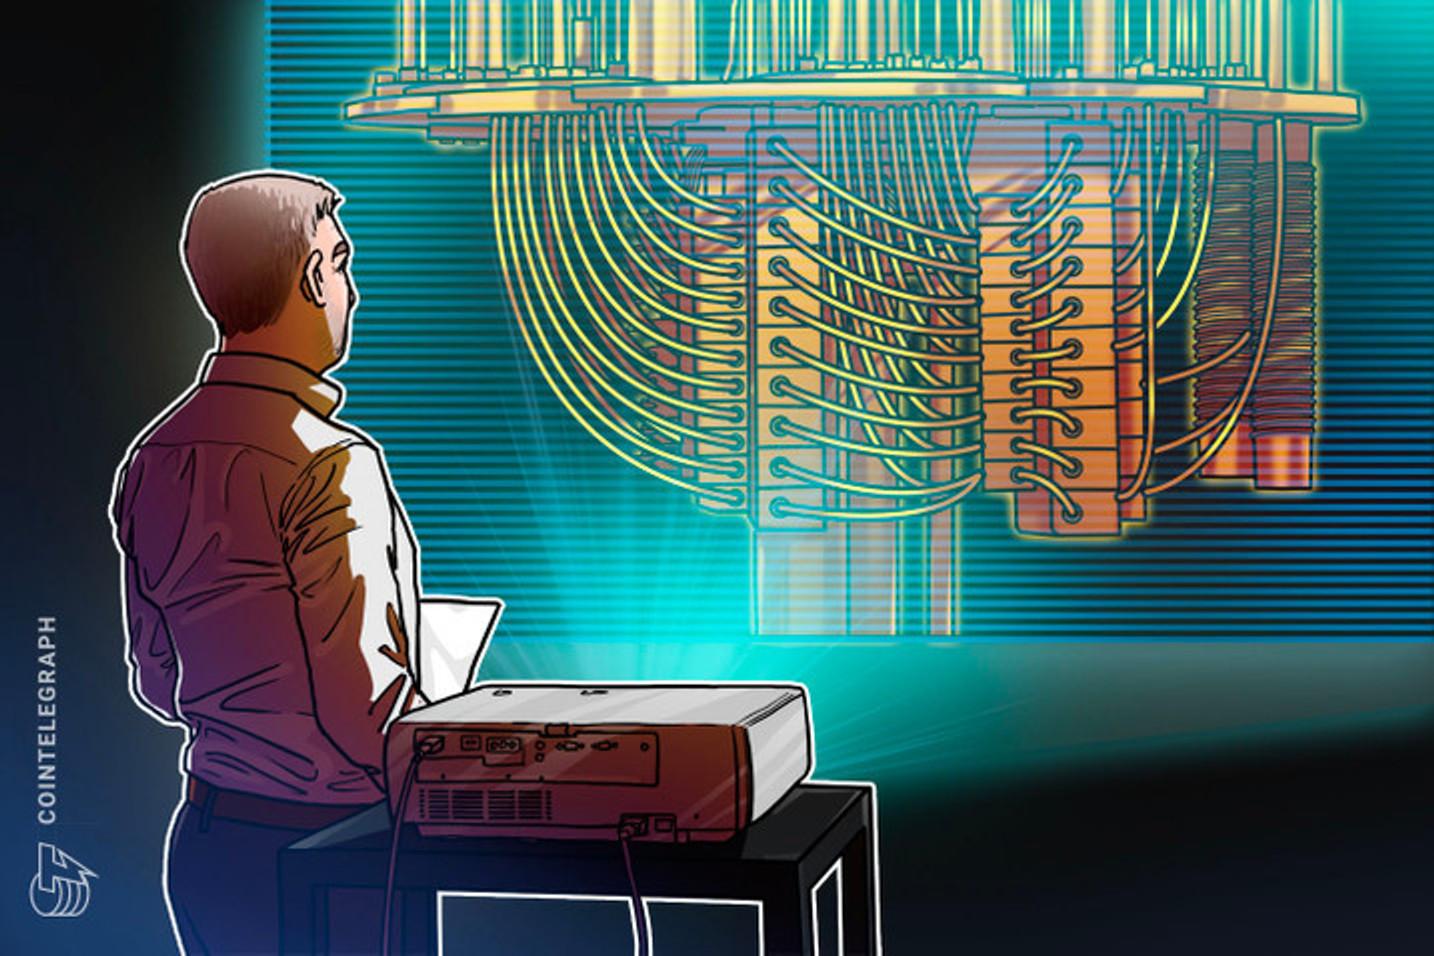 ¿Cuáles son los desafíos y oportunidades del futuro cuántico en el mundo crypto?